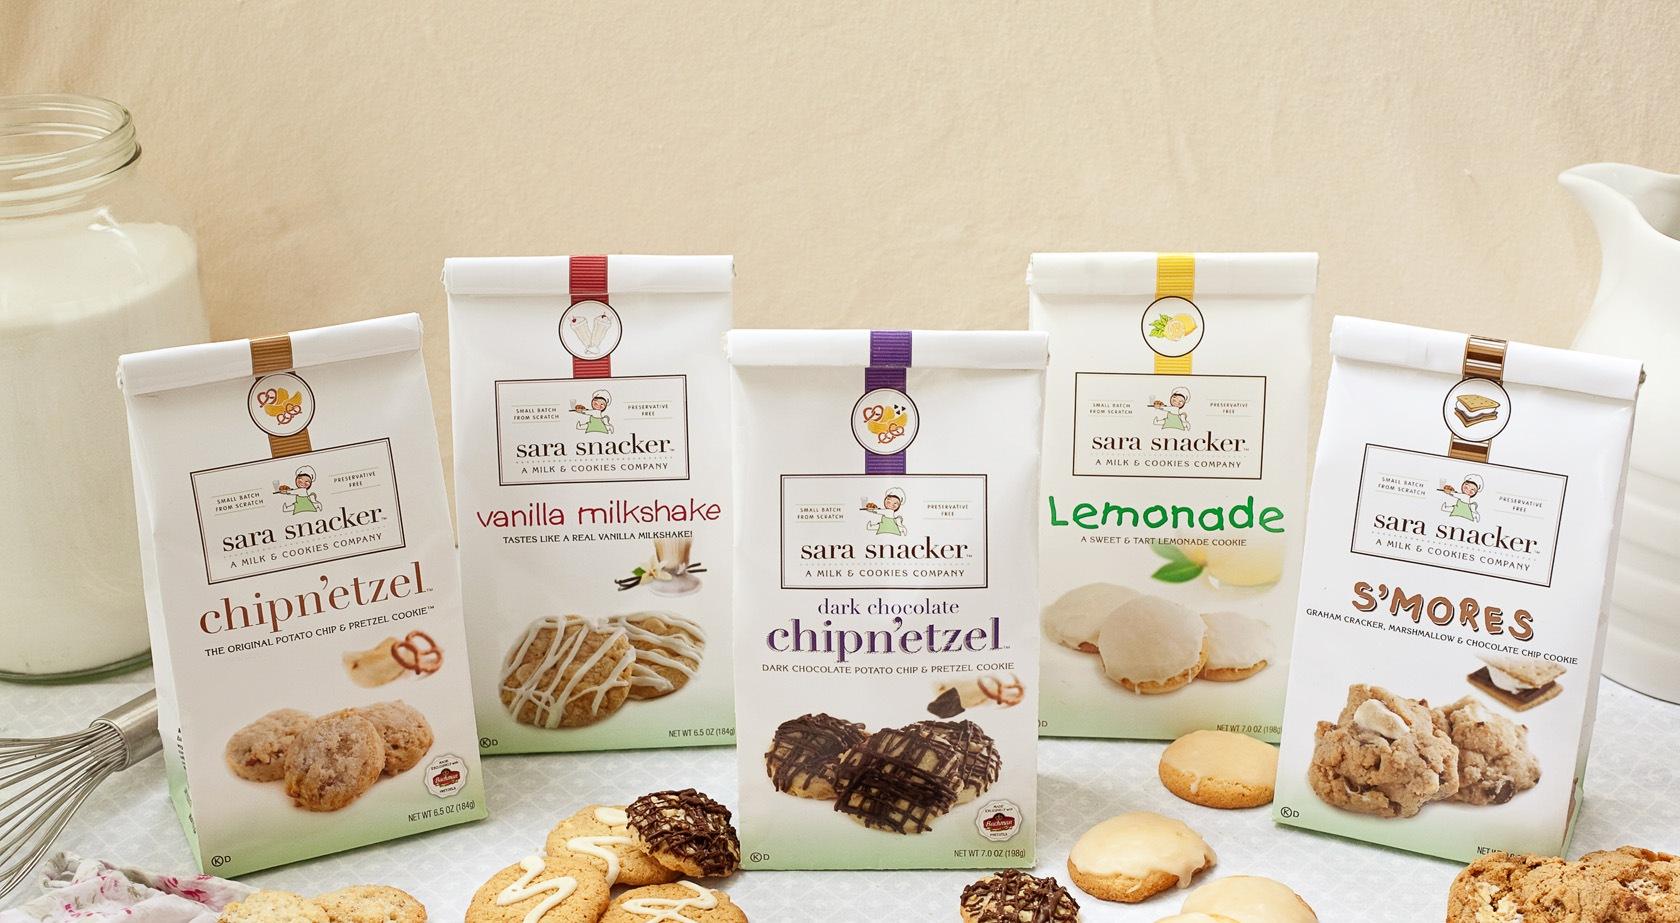 Sara Snacker Cookies - Packaging and Branding